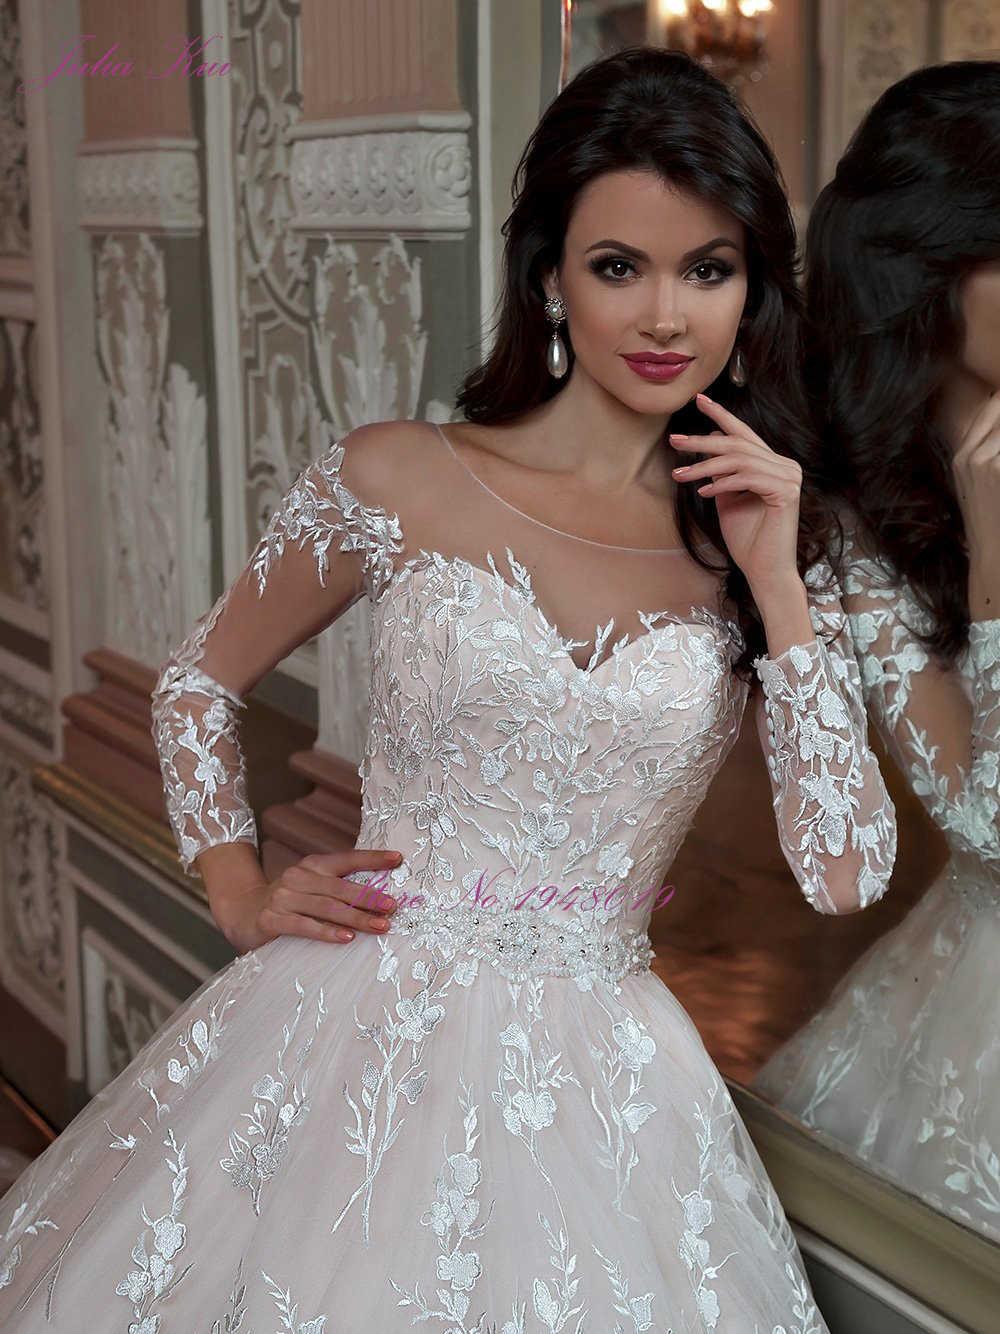 ג 'וליה Kui בציר נסיכת מסולסל צוואר כדור שמלת חתונת שמלות עם קפלת רכבת שליחת תחתונית מתנה